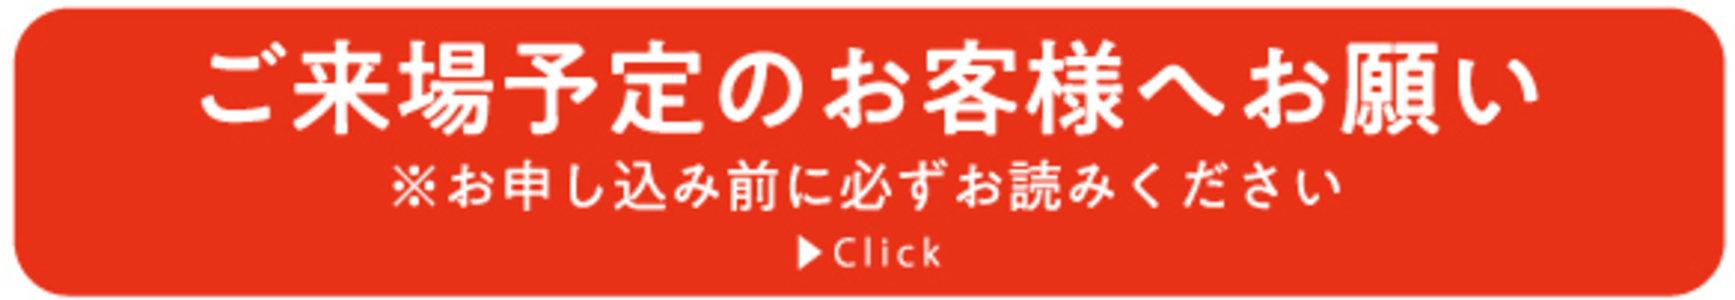 【再振替】「LAWSON presents 夏川椎菜 Zepp Live Tour 2020-2021 Pre-2nd」東京公演 1/24 1回目